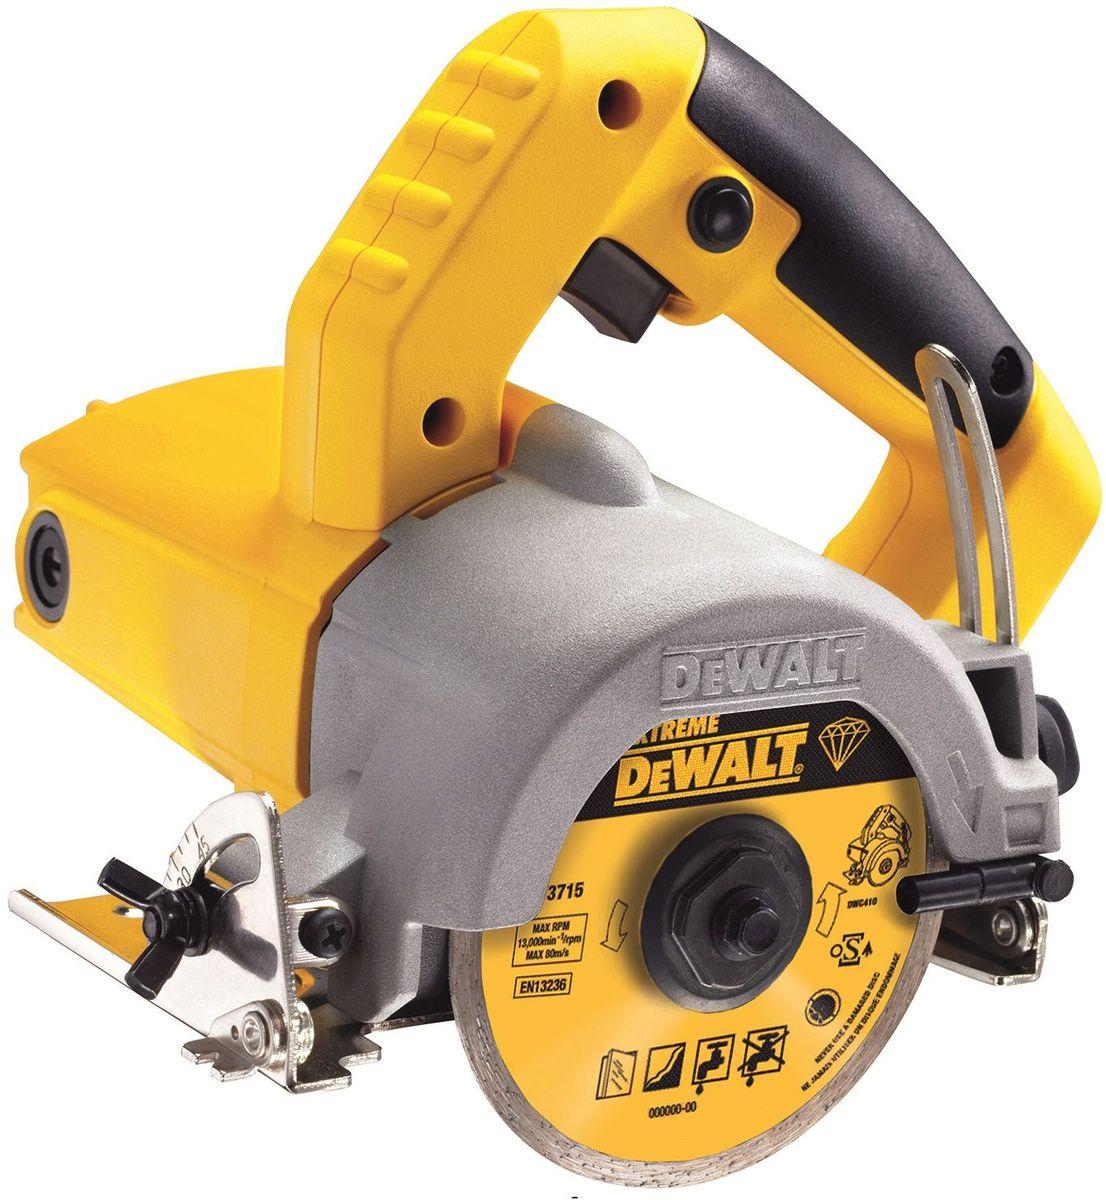 Плиткорез DeWalt DWC410DWC410Плиткорез DeWalt - приспособление для резки различных отделочных материалов, например: керамическая, облицовочная и тротуарная плитка, черепица и другие. Особенности: - 1300 Вт двигатель для работ по граниту, бетону и камню; - 110 мм диск для разных материалов, глубина реза 34 мм - мокрая или сухая резка; - Сопло для подачи воды; - Регулировка угла до 45 градусов; - Фиксация включенного состояния; - Регулировка глубины пропила; - Бесключевая регулировка глубины и угла наклона; - Легкий доступ к щеткам. Посадка - 20 мм.Держатель насадки - 3.0 мм.Уровень вибрации - 42373 м/с2.Погрешность вибрации - 42491 м/с2.Звуковое давление - 102 дБ(А).Погрешность давления создаваемого шума - 3 dB(A).Акустическая мощность - 113 дБ(А).Погрешность мощности создаваемого шума - 3 dB(A).